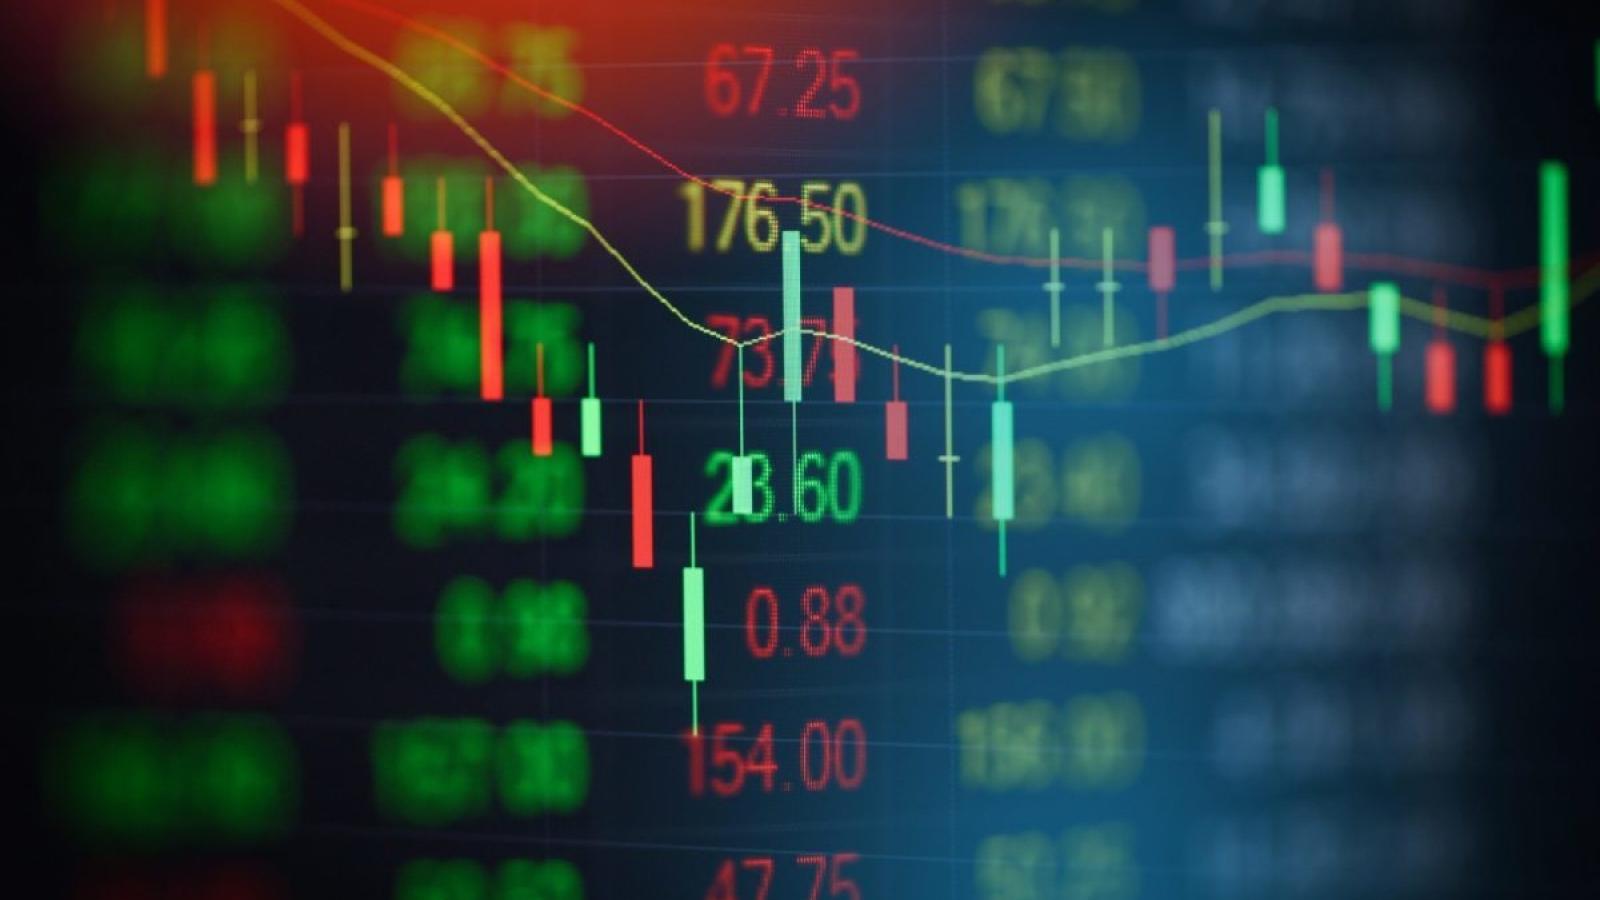 """Cổ phiếu công nghệ Trung Quốc tại Mỹ """"bốc hơi"""" 145 tỷ USD chỉ trong tuần này"""